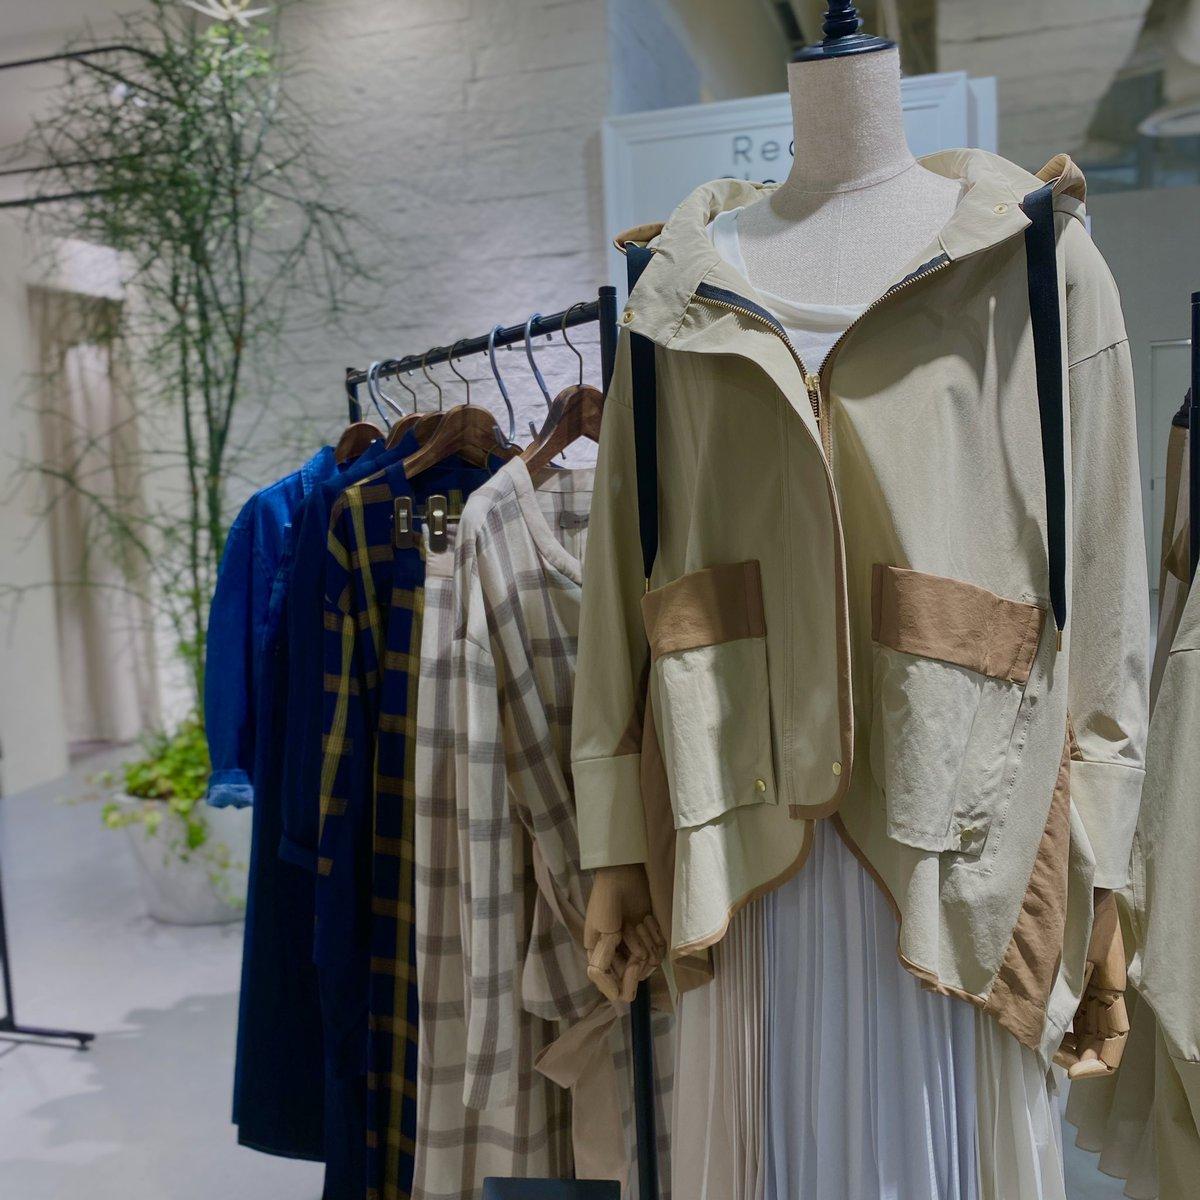 test ツイッターメディア - 【エトレリー】  阪神百貨店4階ポップアップで出店しています。  4/7-13までですが、元々生産してないようなので、お早めに😊  このジャケットが可愛かったです♬  #エトレリー https://t.co/LZxA5l5BhD